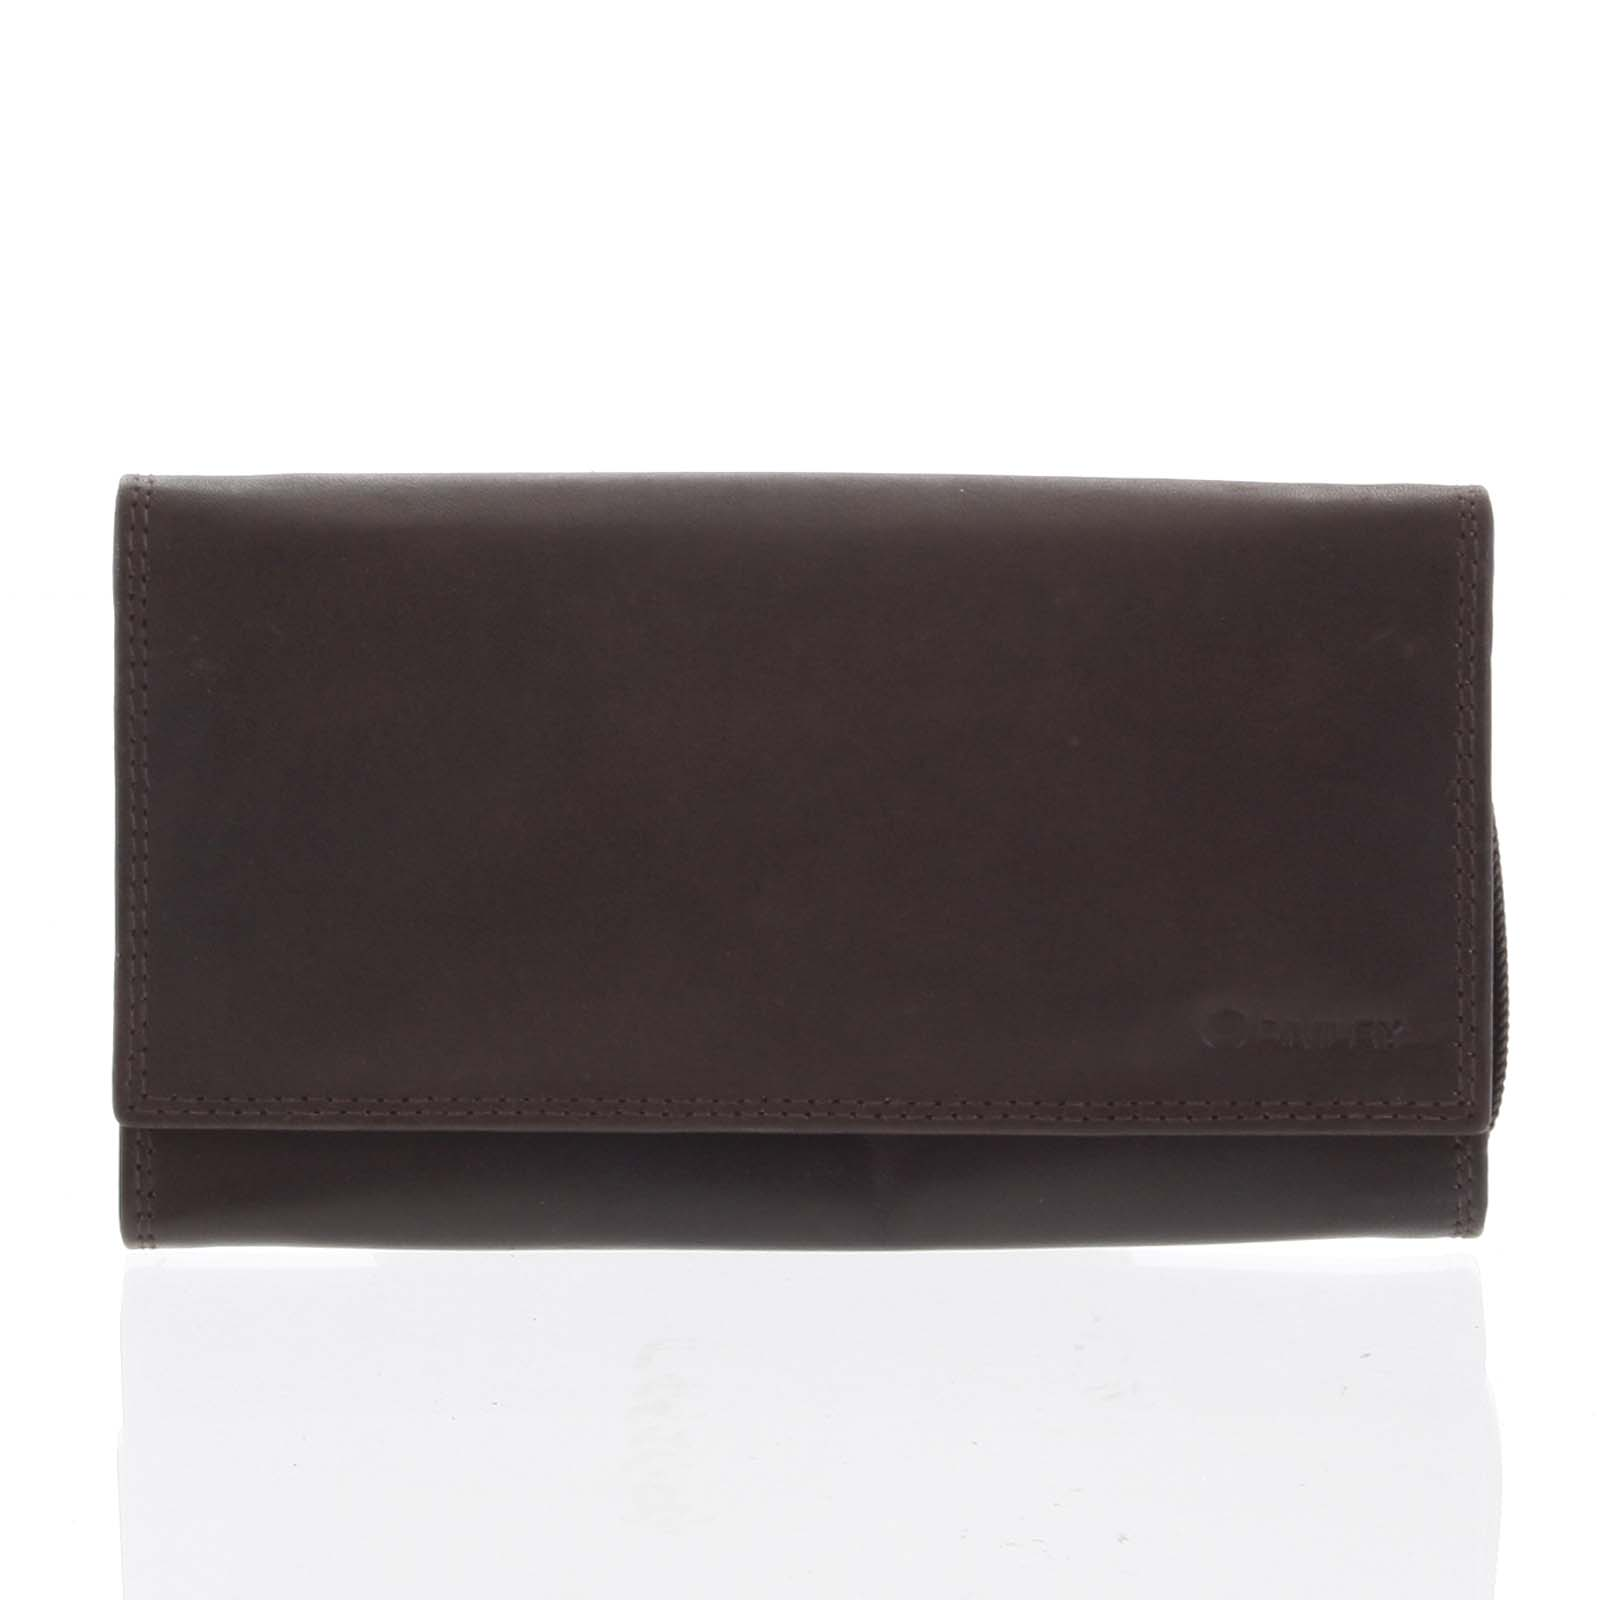 Dámska klasická tmavohnedá kožená peňaženka - Diviley Svemir